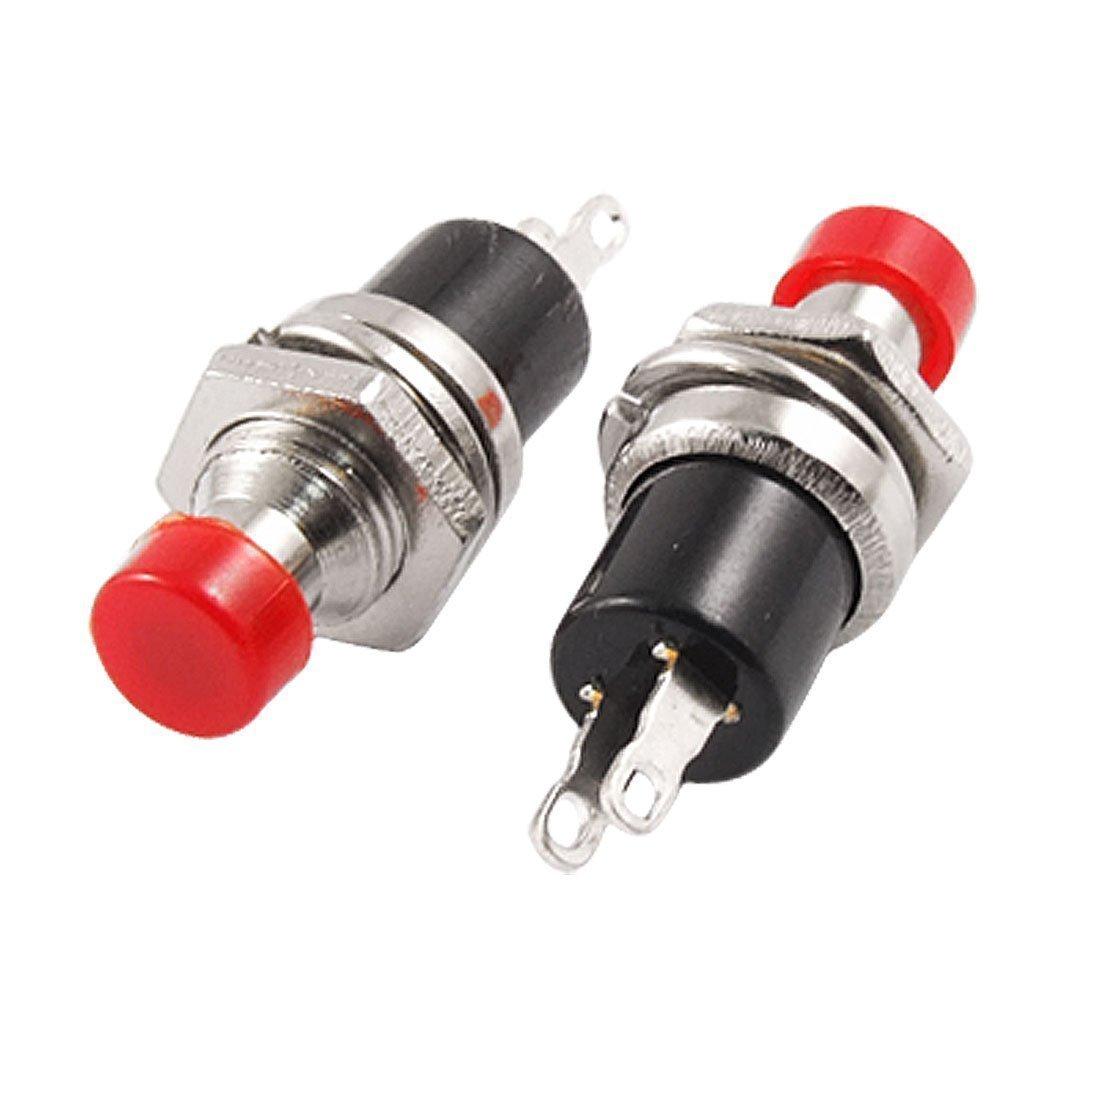 5X Interrupteur bouton poussoir momentan/é rond rouge AC250V 1A N//O marche//arr/êt SPST 2 broches